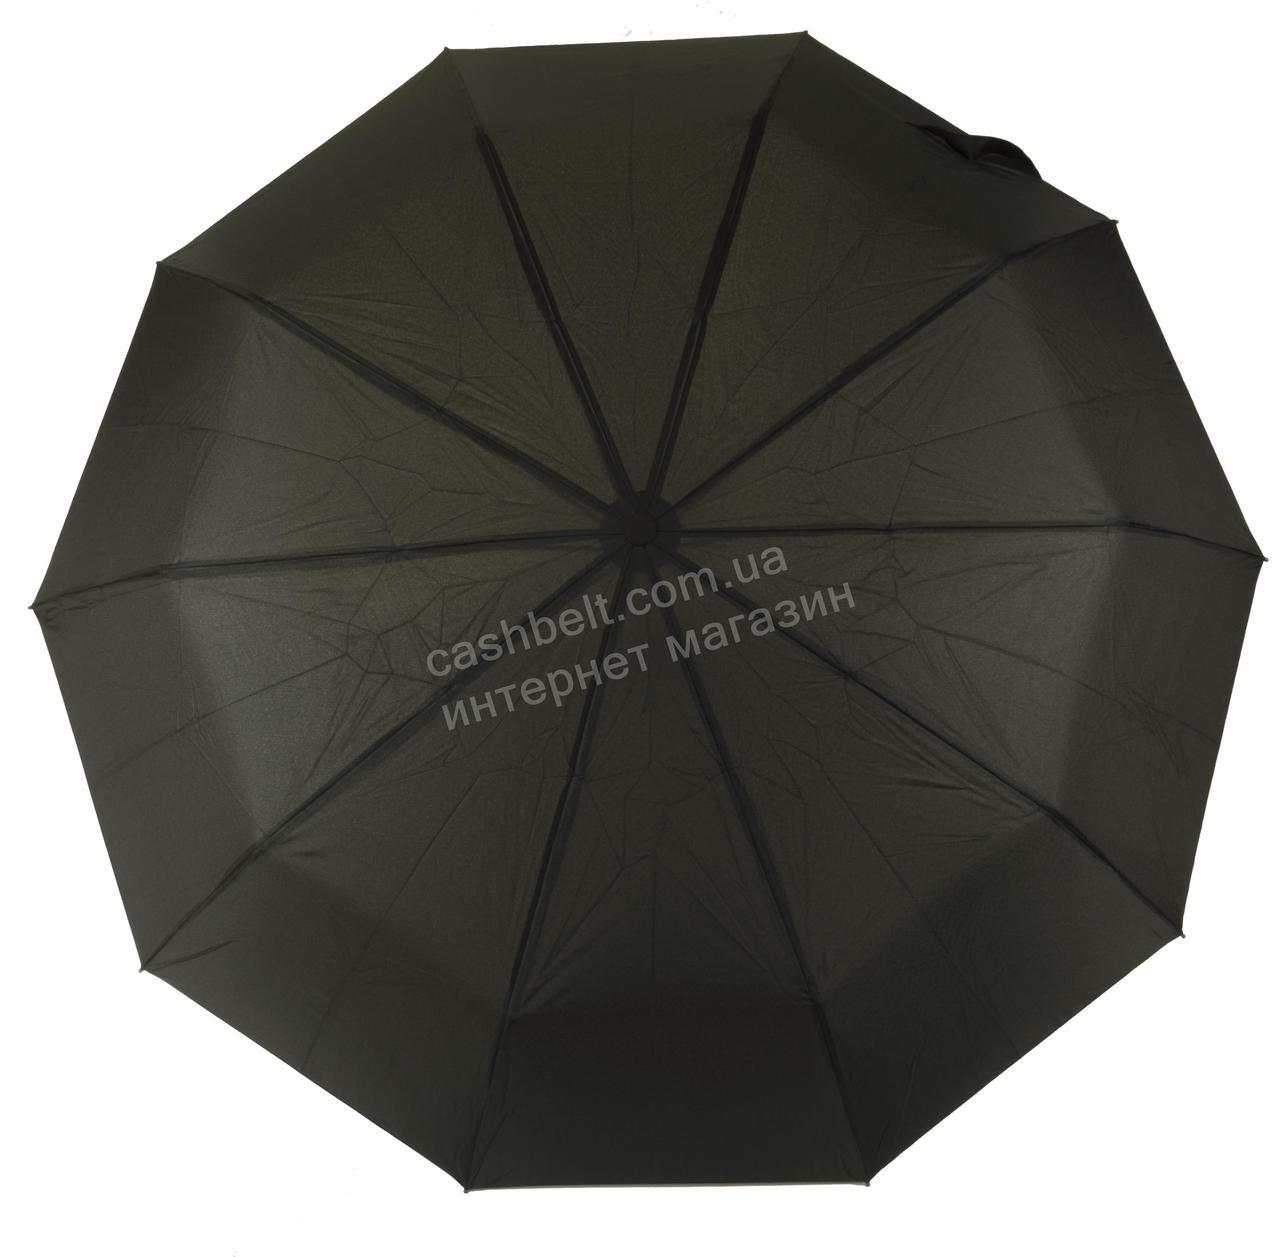 Мужской прочный зонт автомат классический черный цвет SUSINO art. 458 черный (100159)